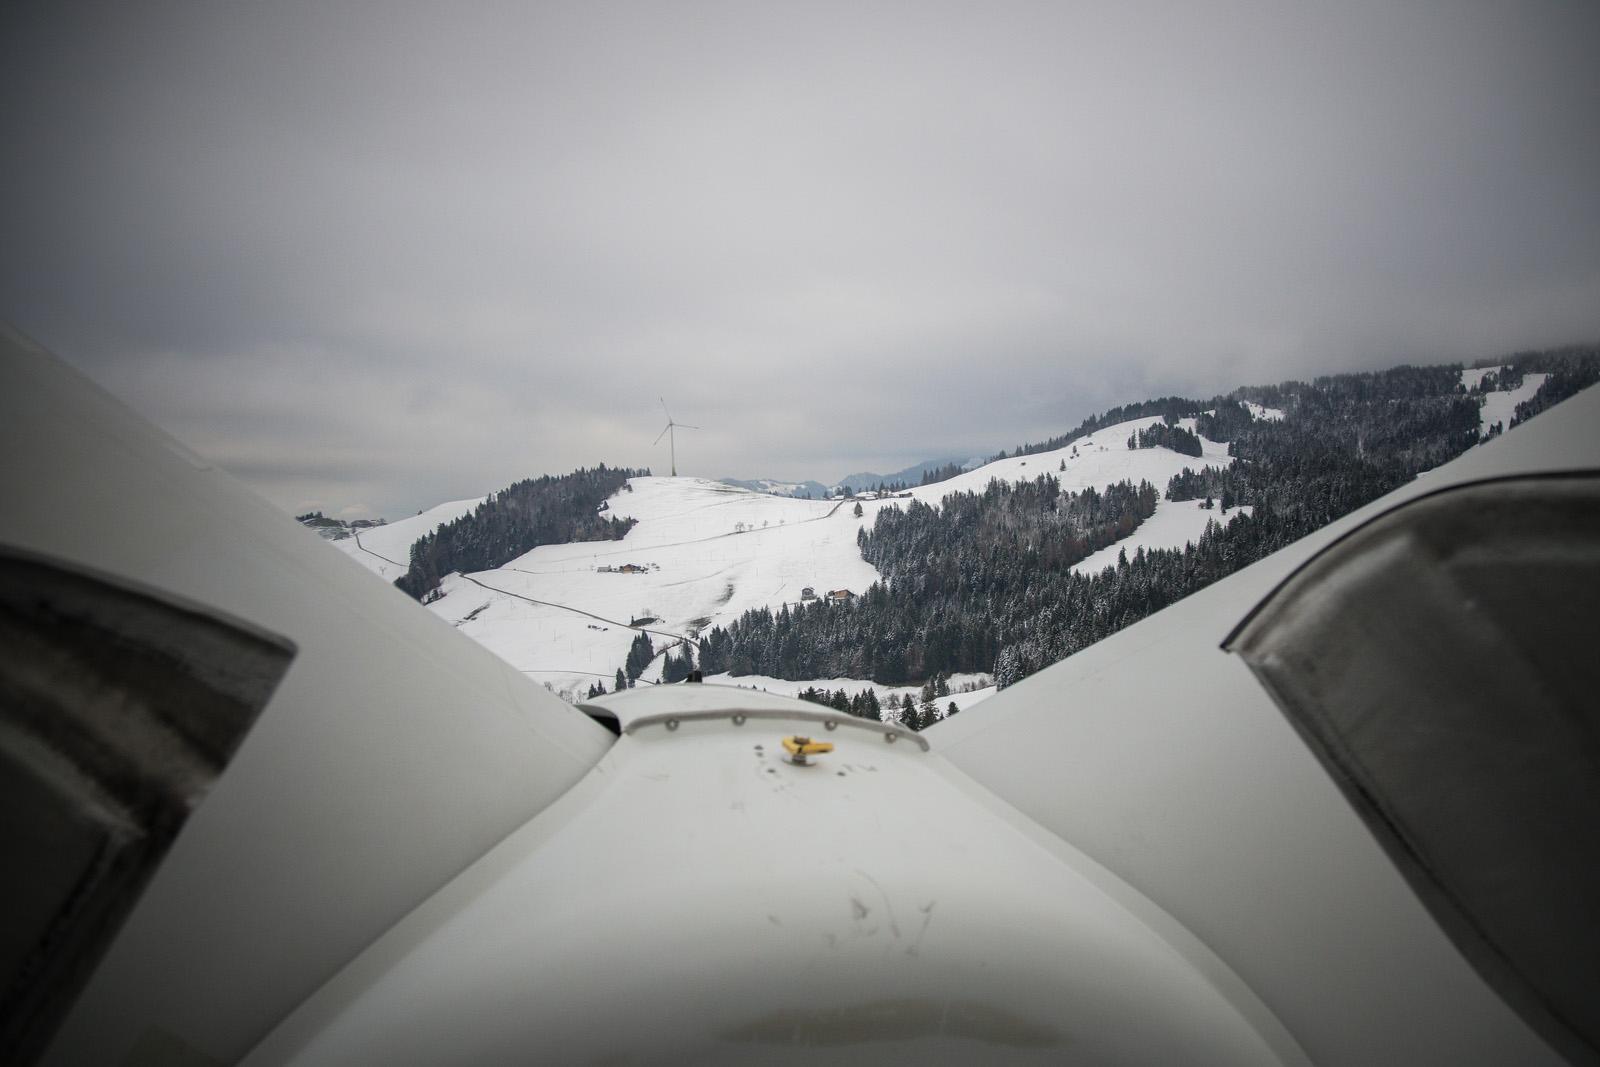 Il panorama nebbioso tra una turbina eolica e l'altra.